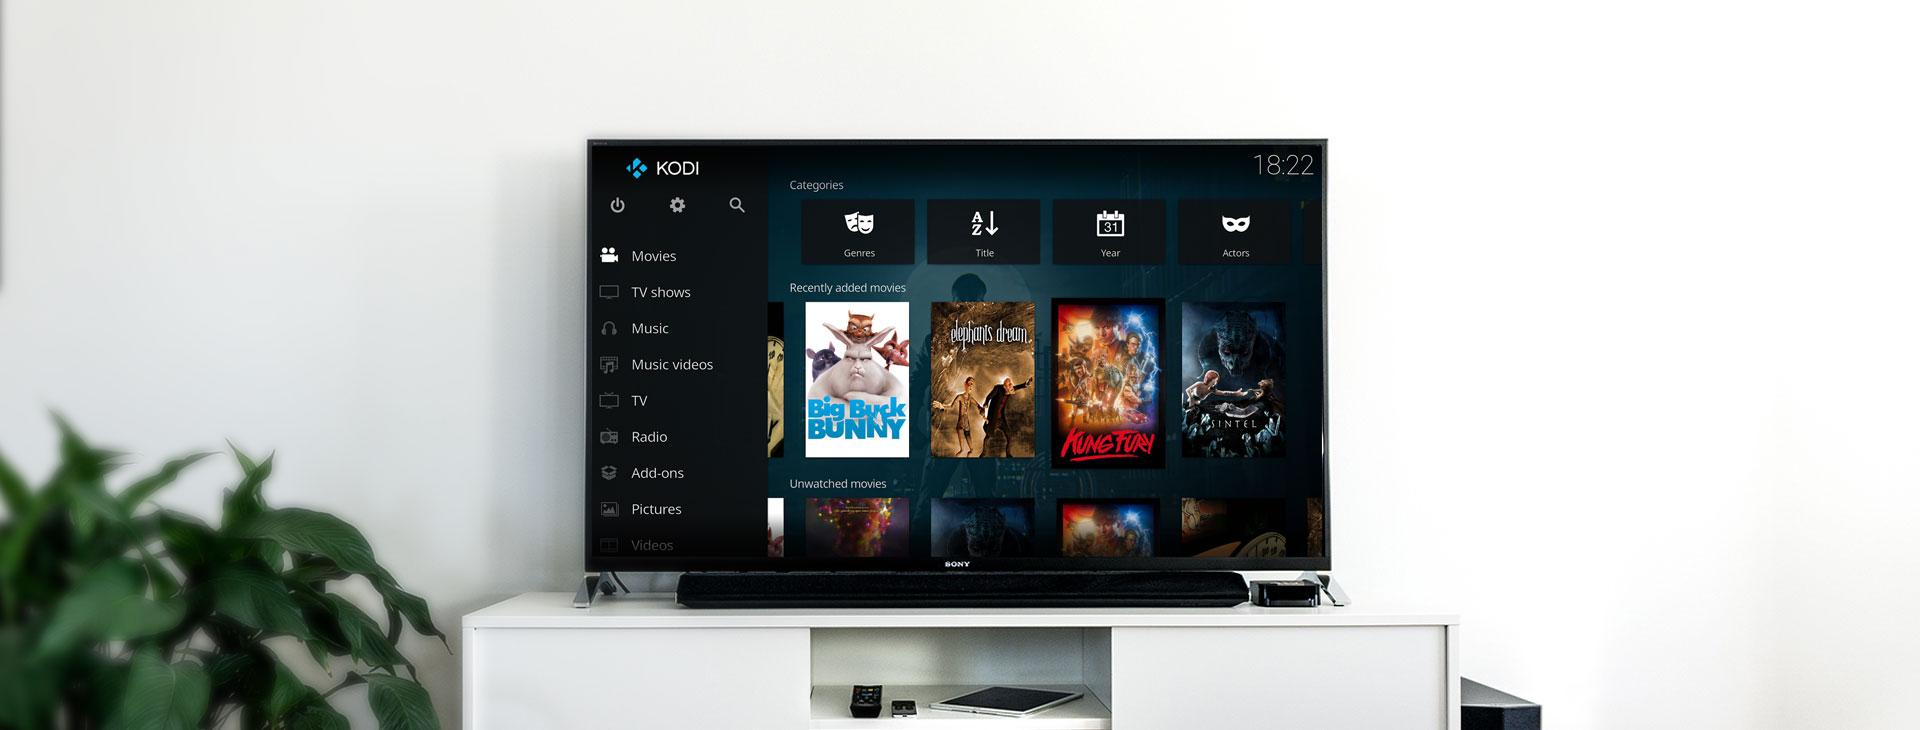 Kodi on a Smart TV